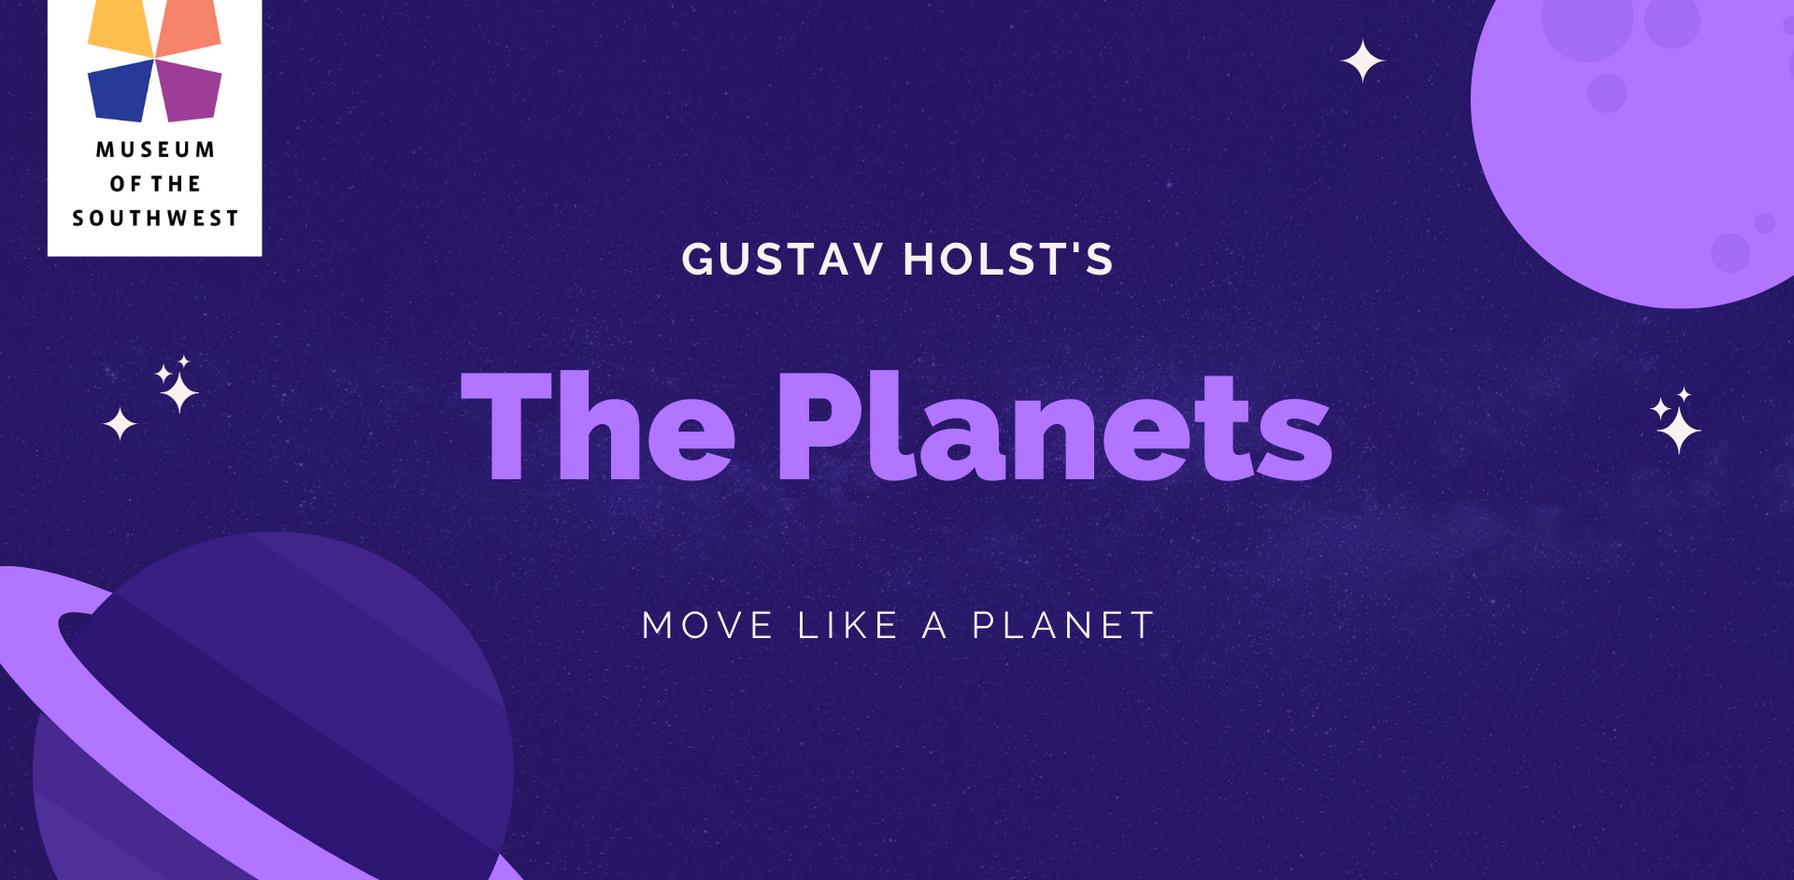 Move Like a Planet